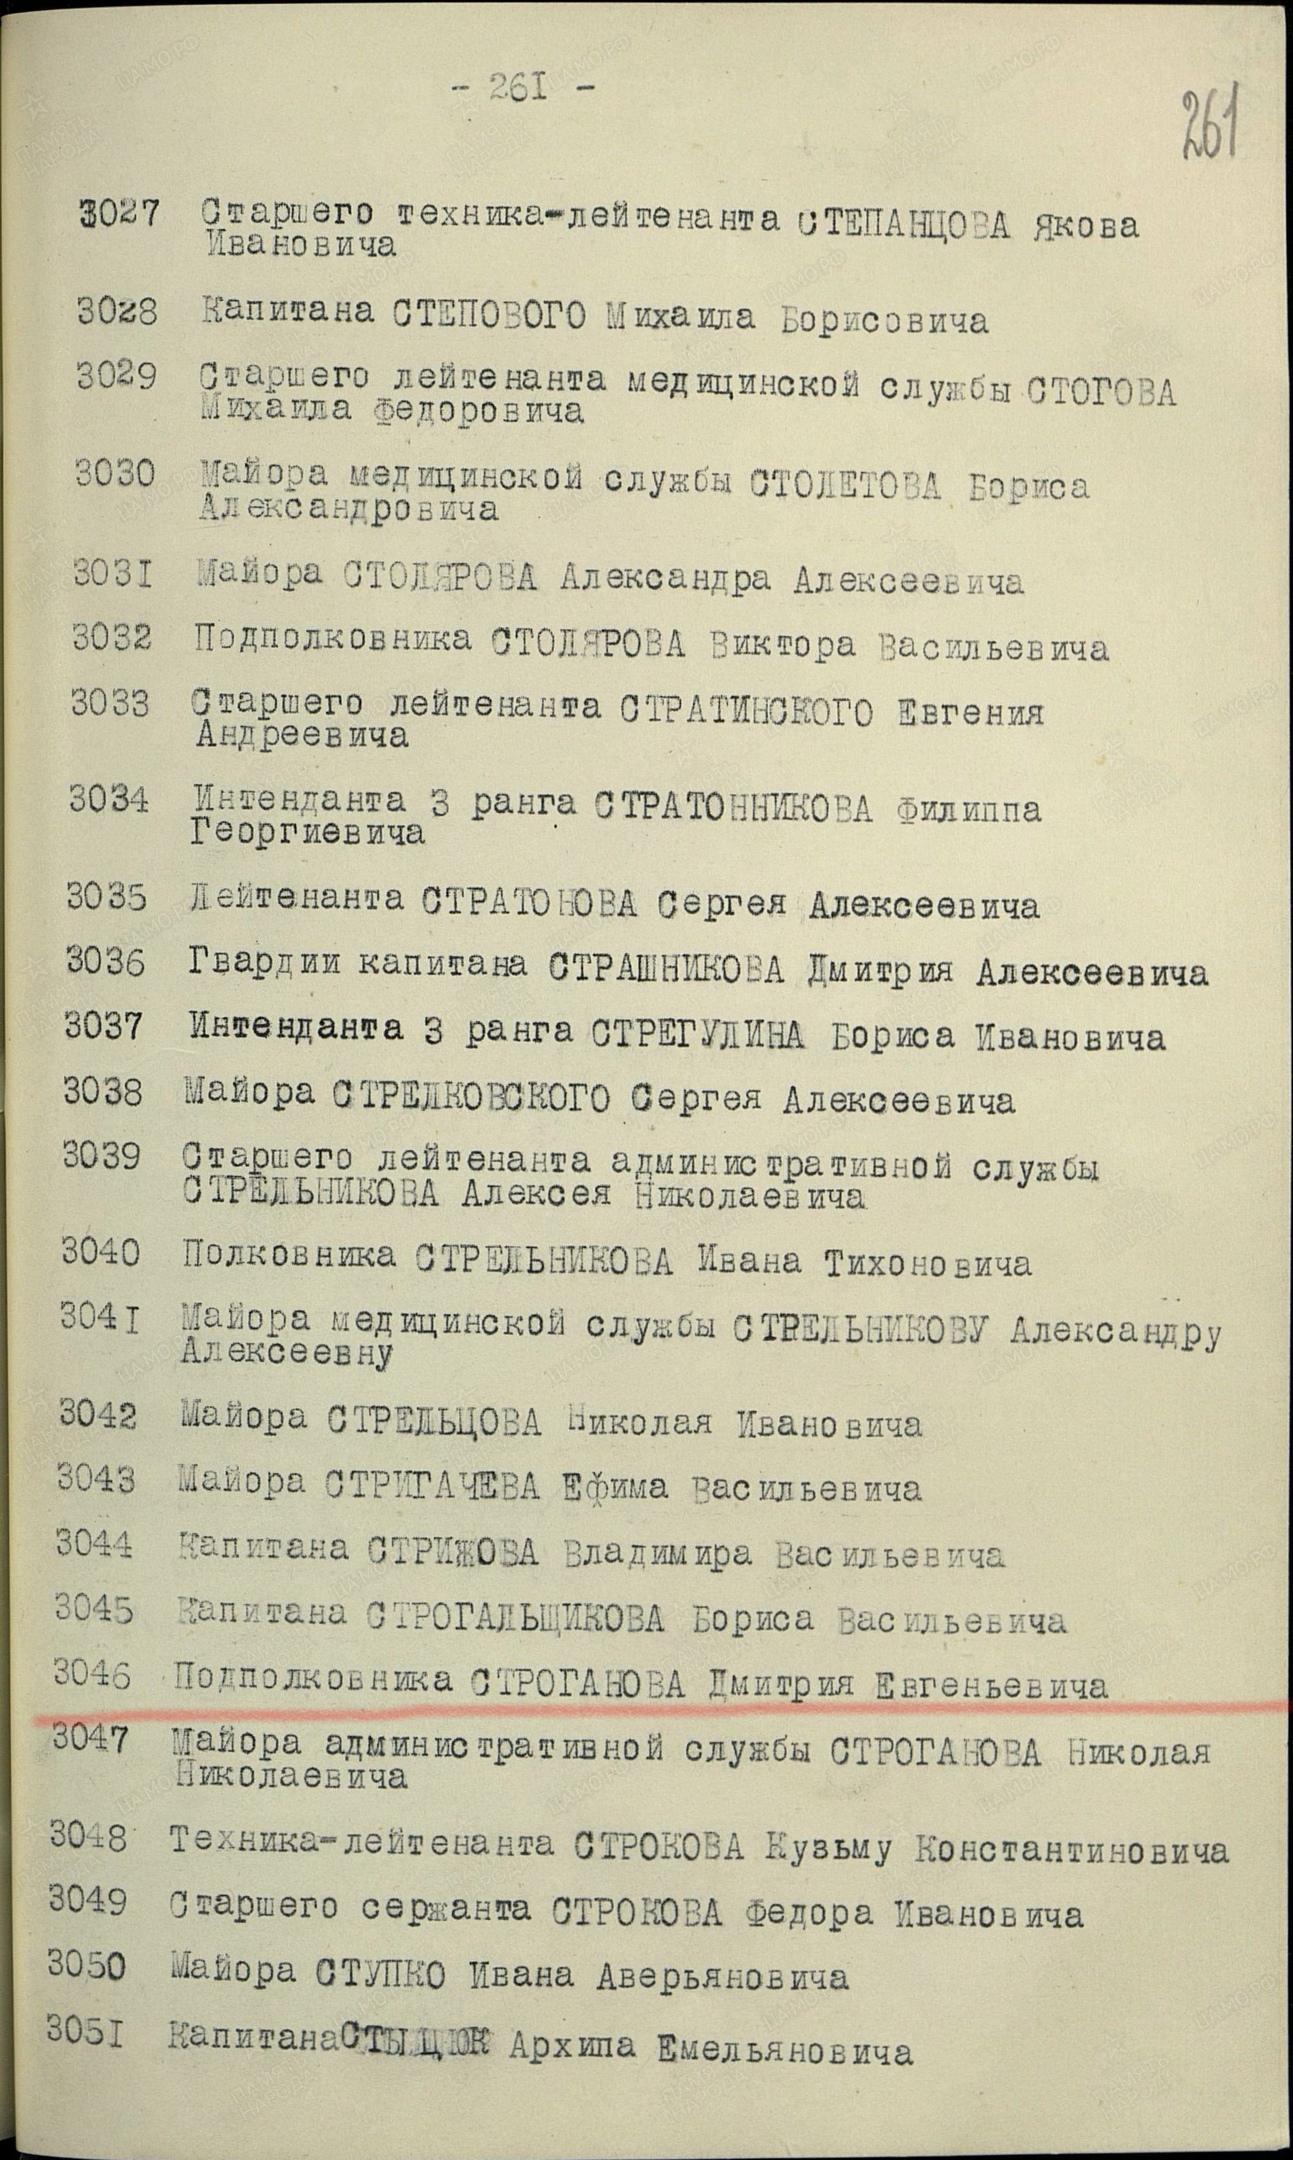 Герой Советского Союза Строганов Д.Е., изображение №5